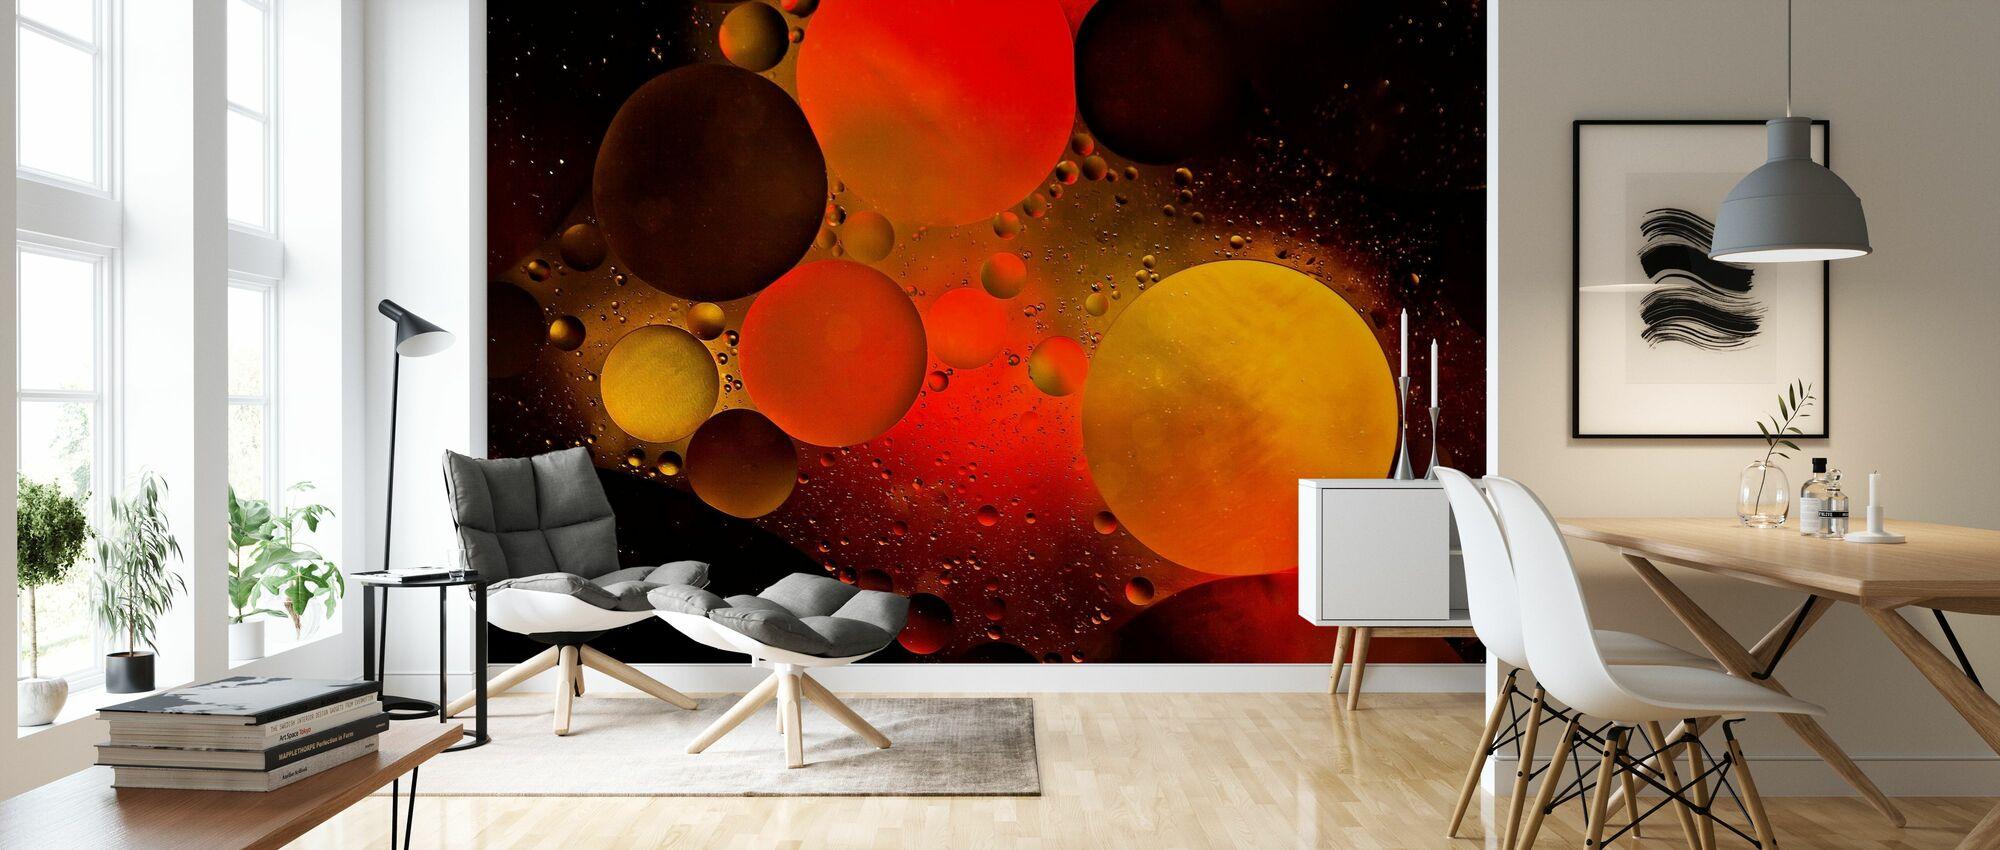 Astronomisch - Tapete - Wohnzimmer